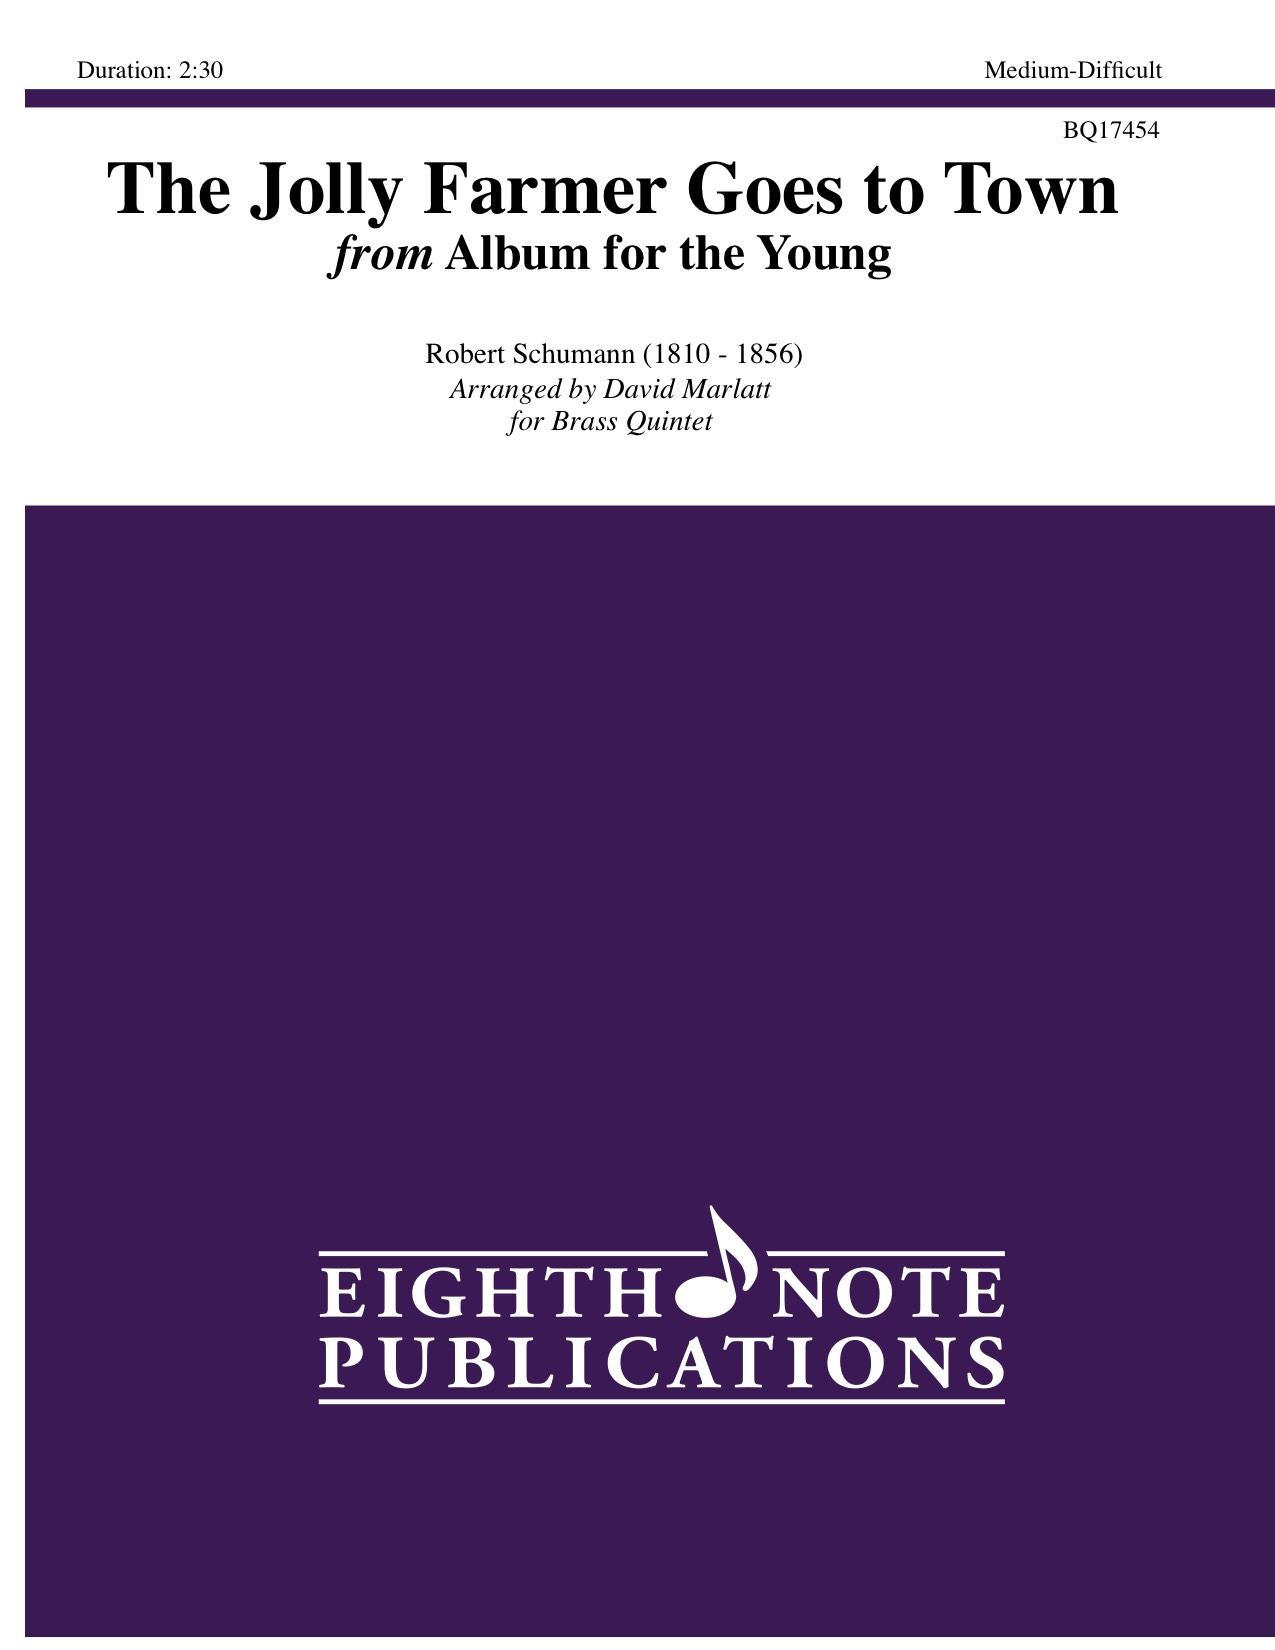 Jolly Farmer Goes to Town, The - Robert Schumann